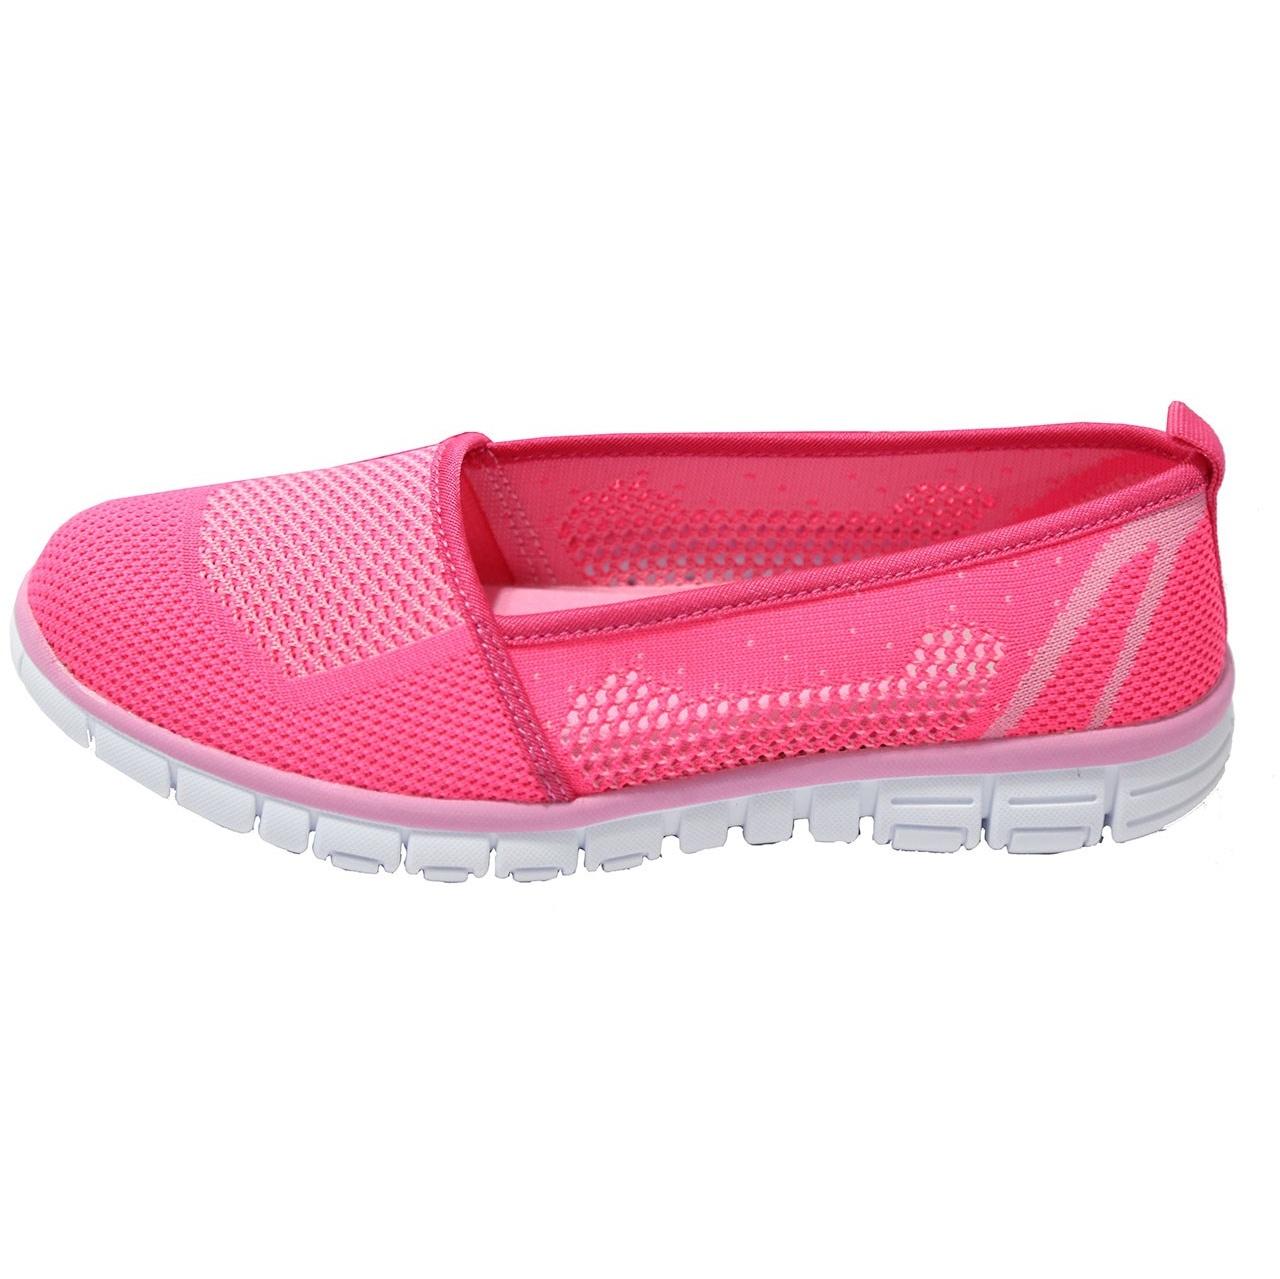 کفش مخصوص پیاده روی زنانه ساکریکس LSH90100-PINK